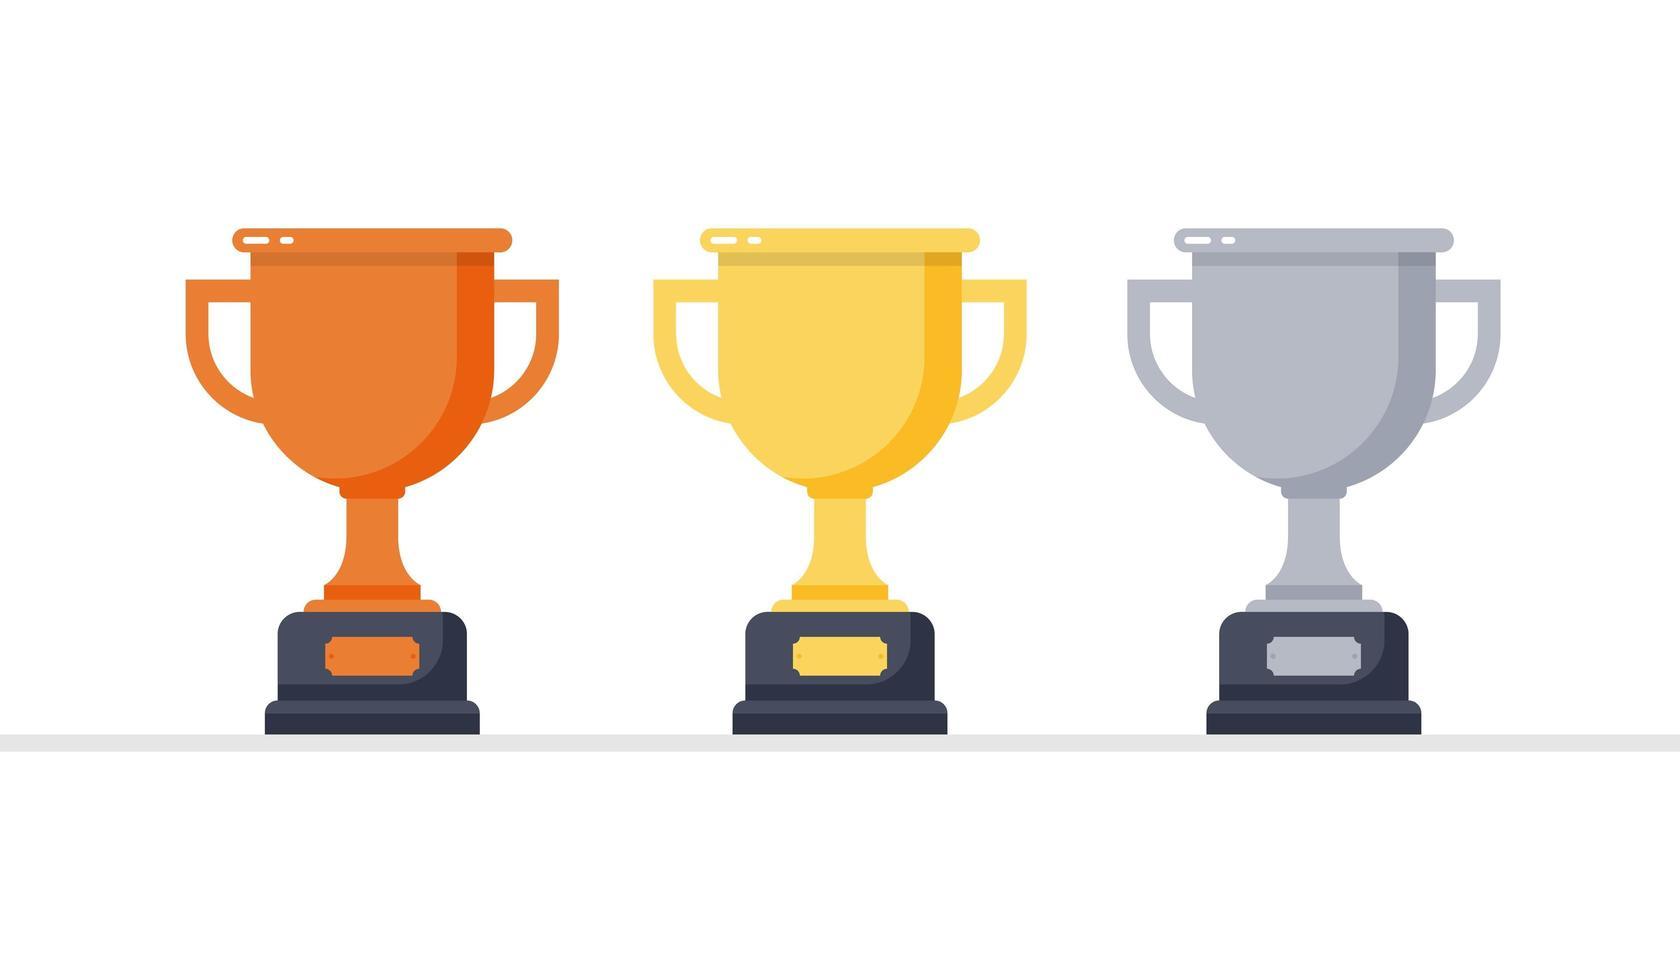 troféus de ouro, prata e bronze vetor